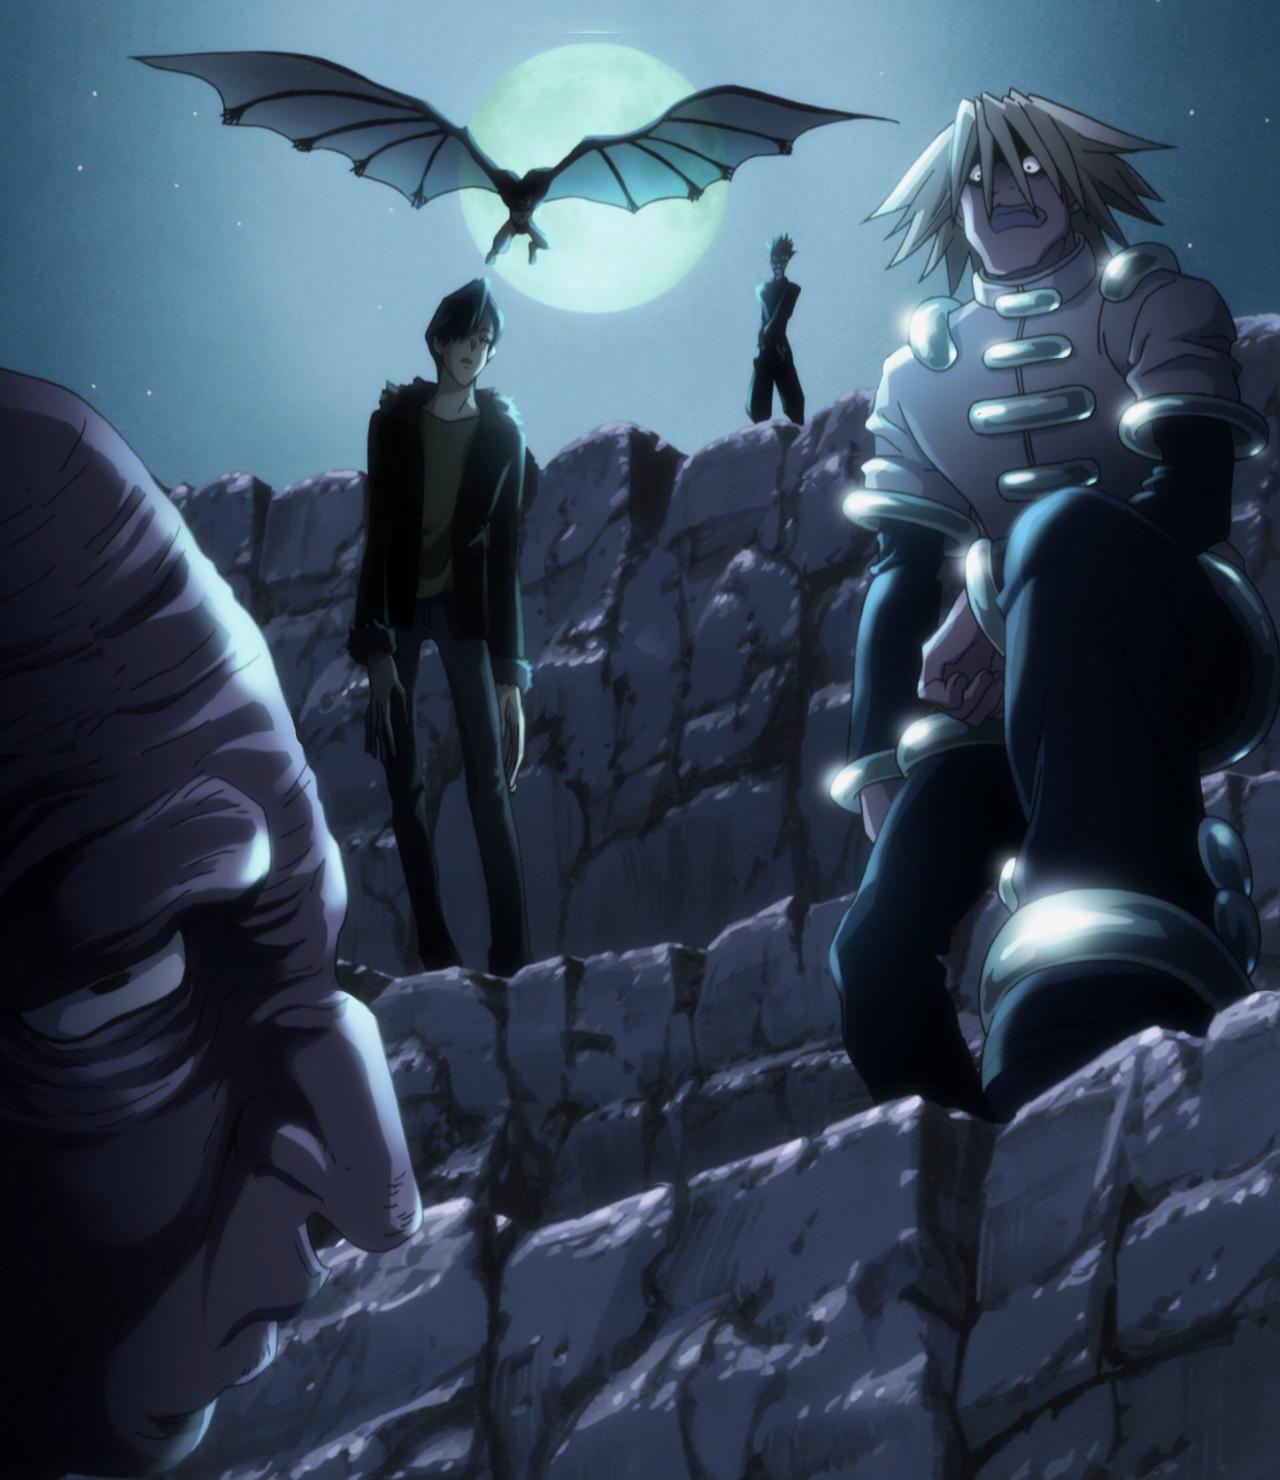 Kết quả hình ảnh cho Shadow Beasts hunter x hunter